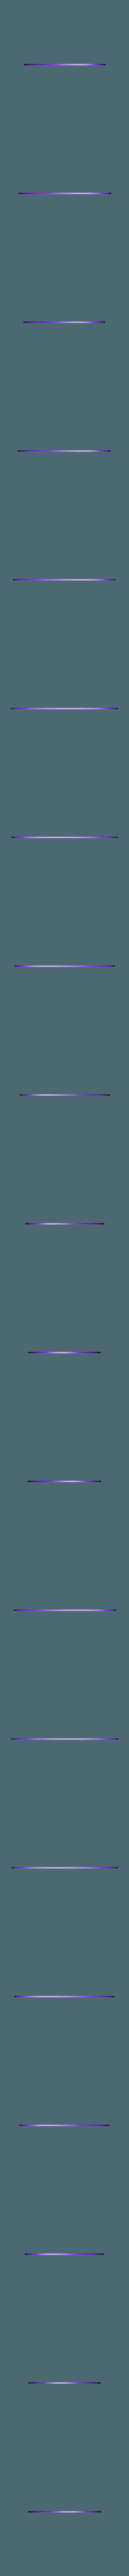 whites-left.stl Télécharger fichier STL gratuit Mario Cappy Chapeau Animated Eyes Animated Eyes • Objet imprimable en 3D, Adafruit